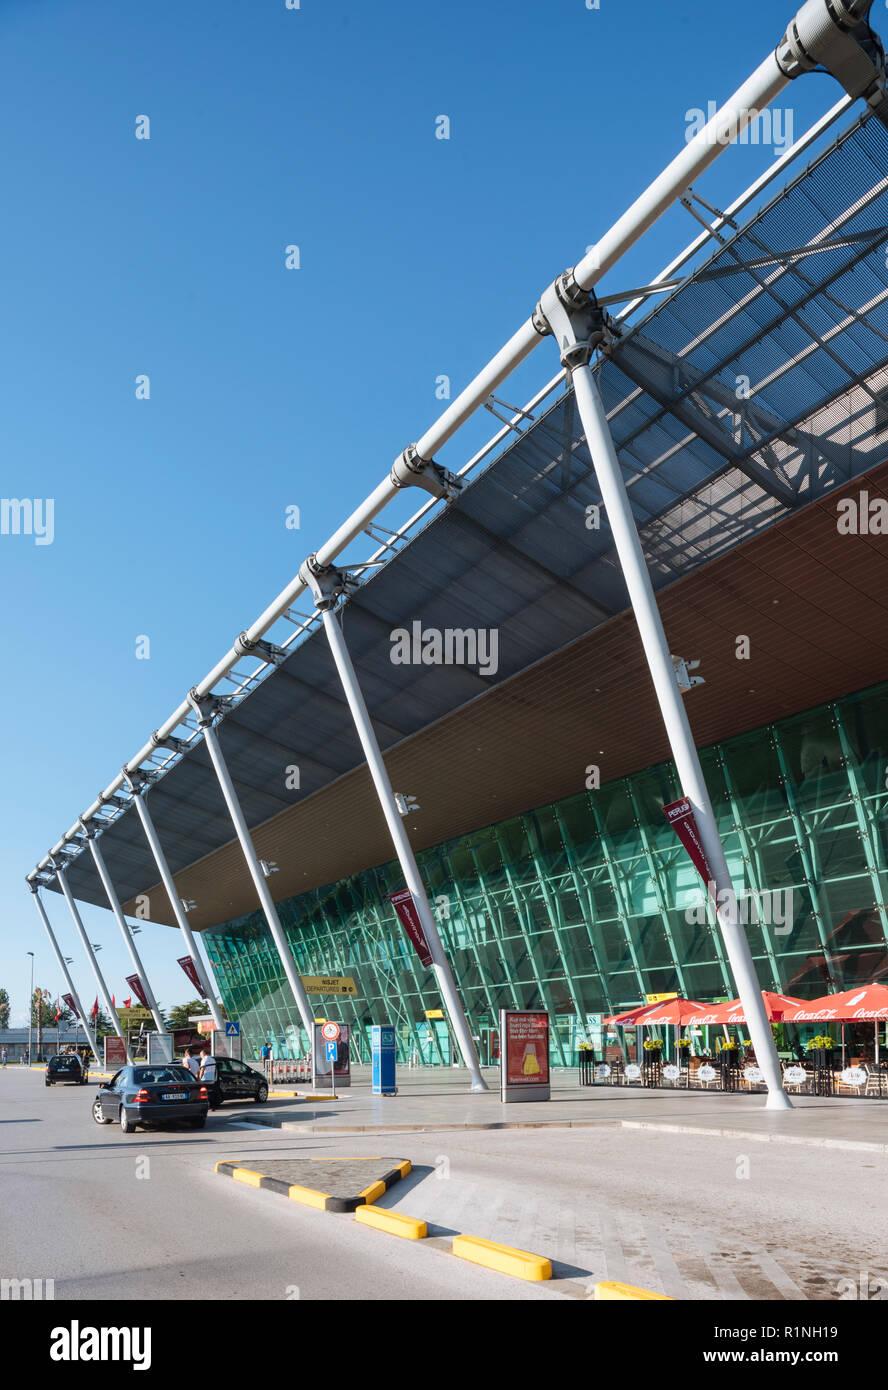 Exterior of Tirana Airport, Tirana, Albania - Stock Image